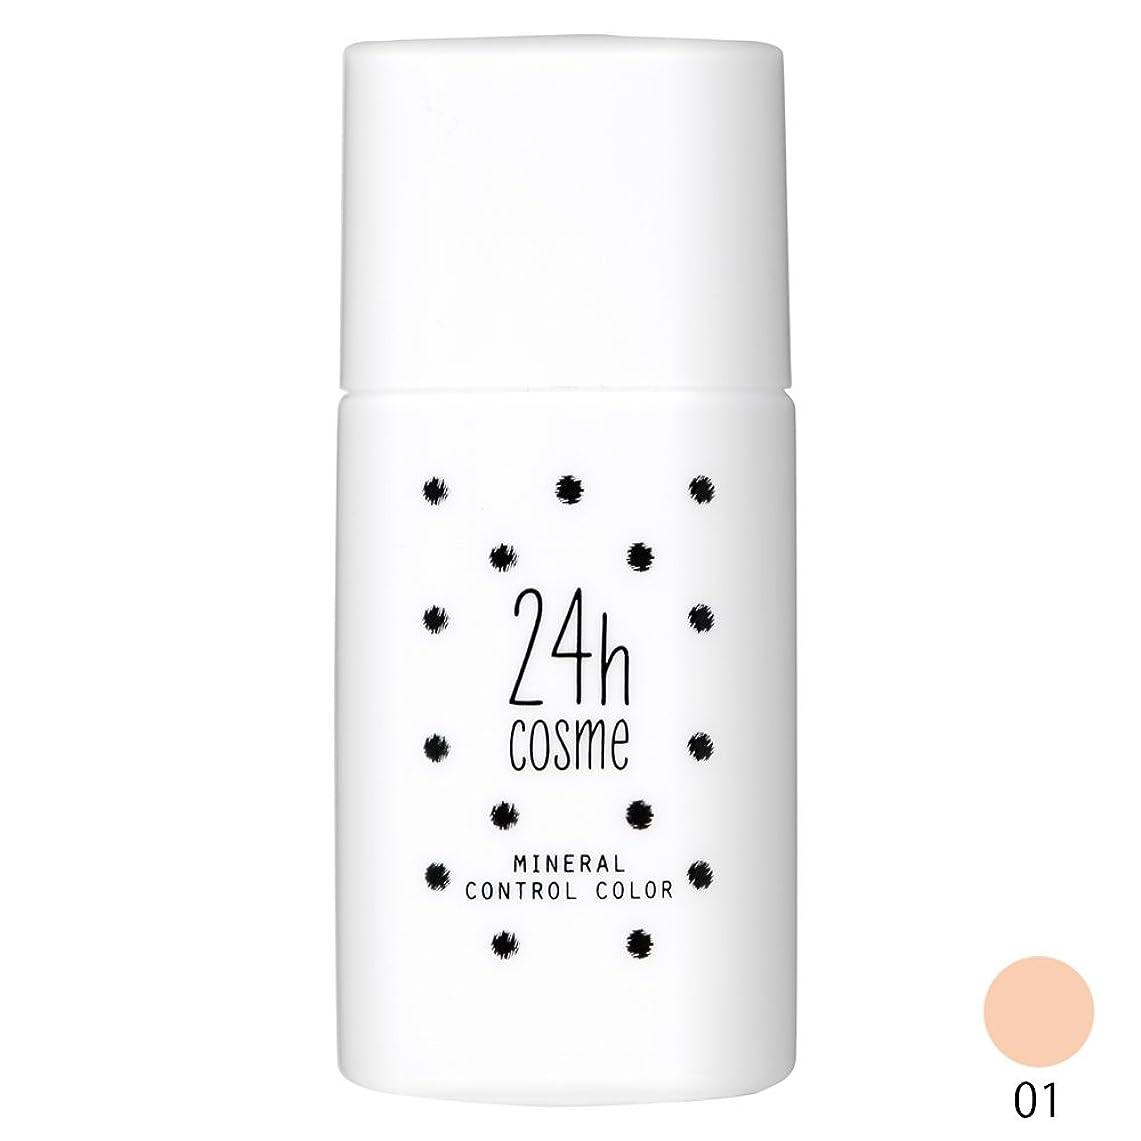 アスレチックそこアメリカ24h cosme 24 コントロールベースカラー 01ブライトピンク 肌に優しい化粧下地 20ml